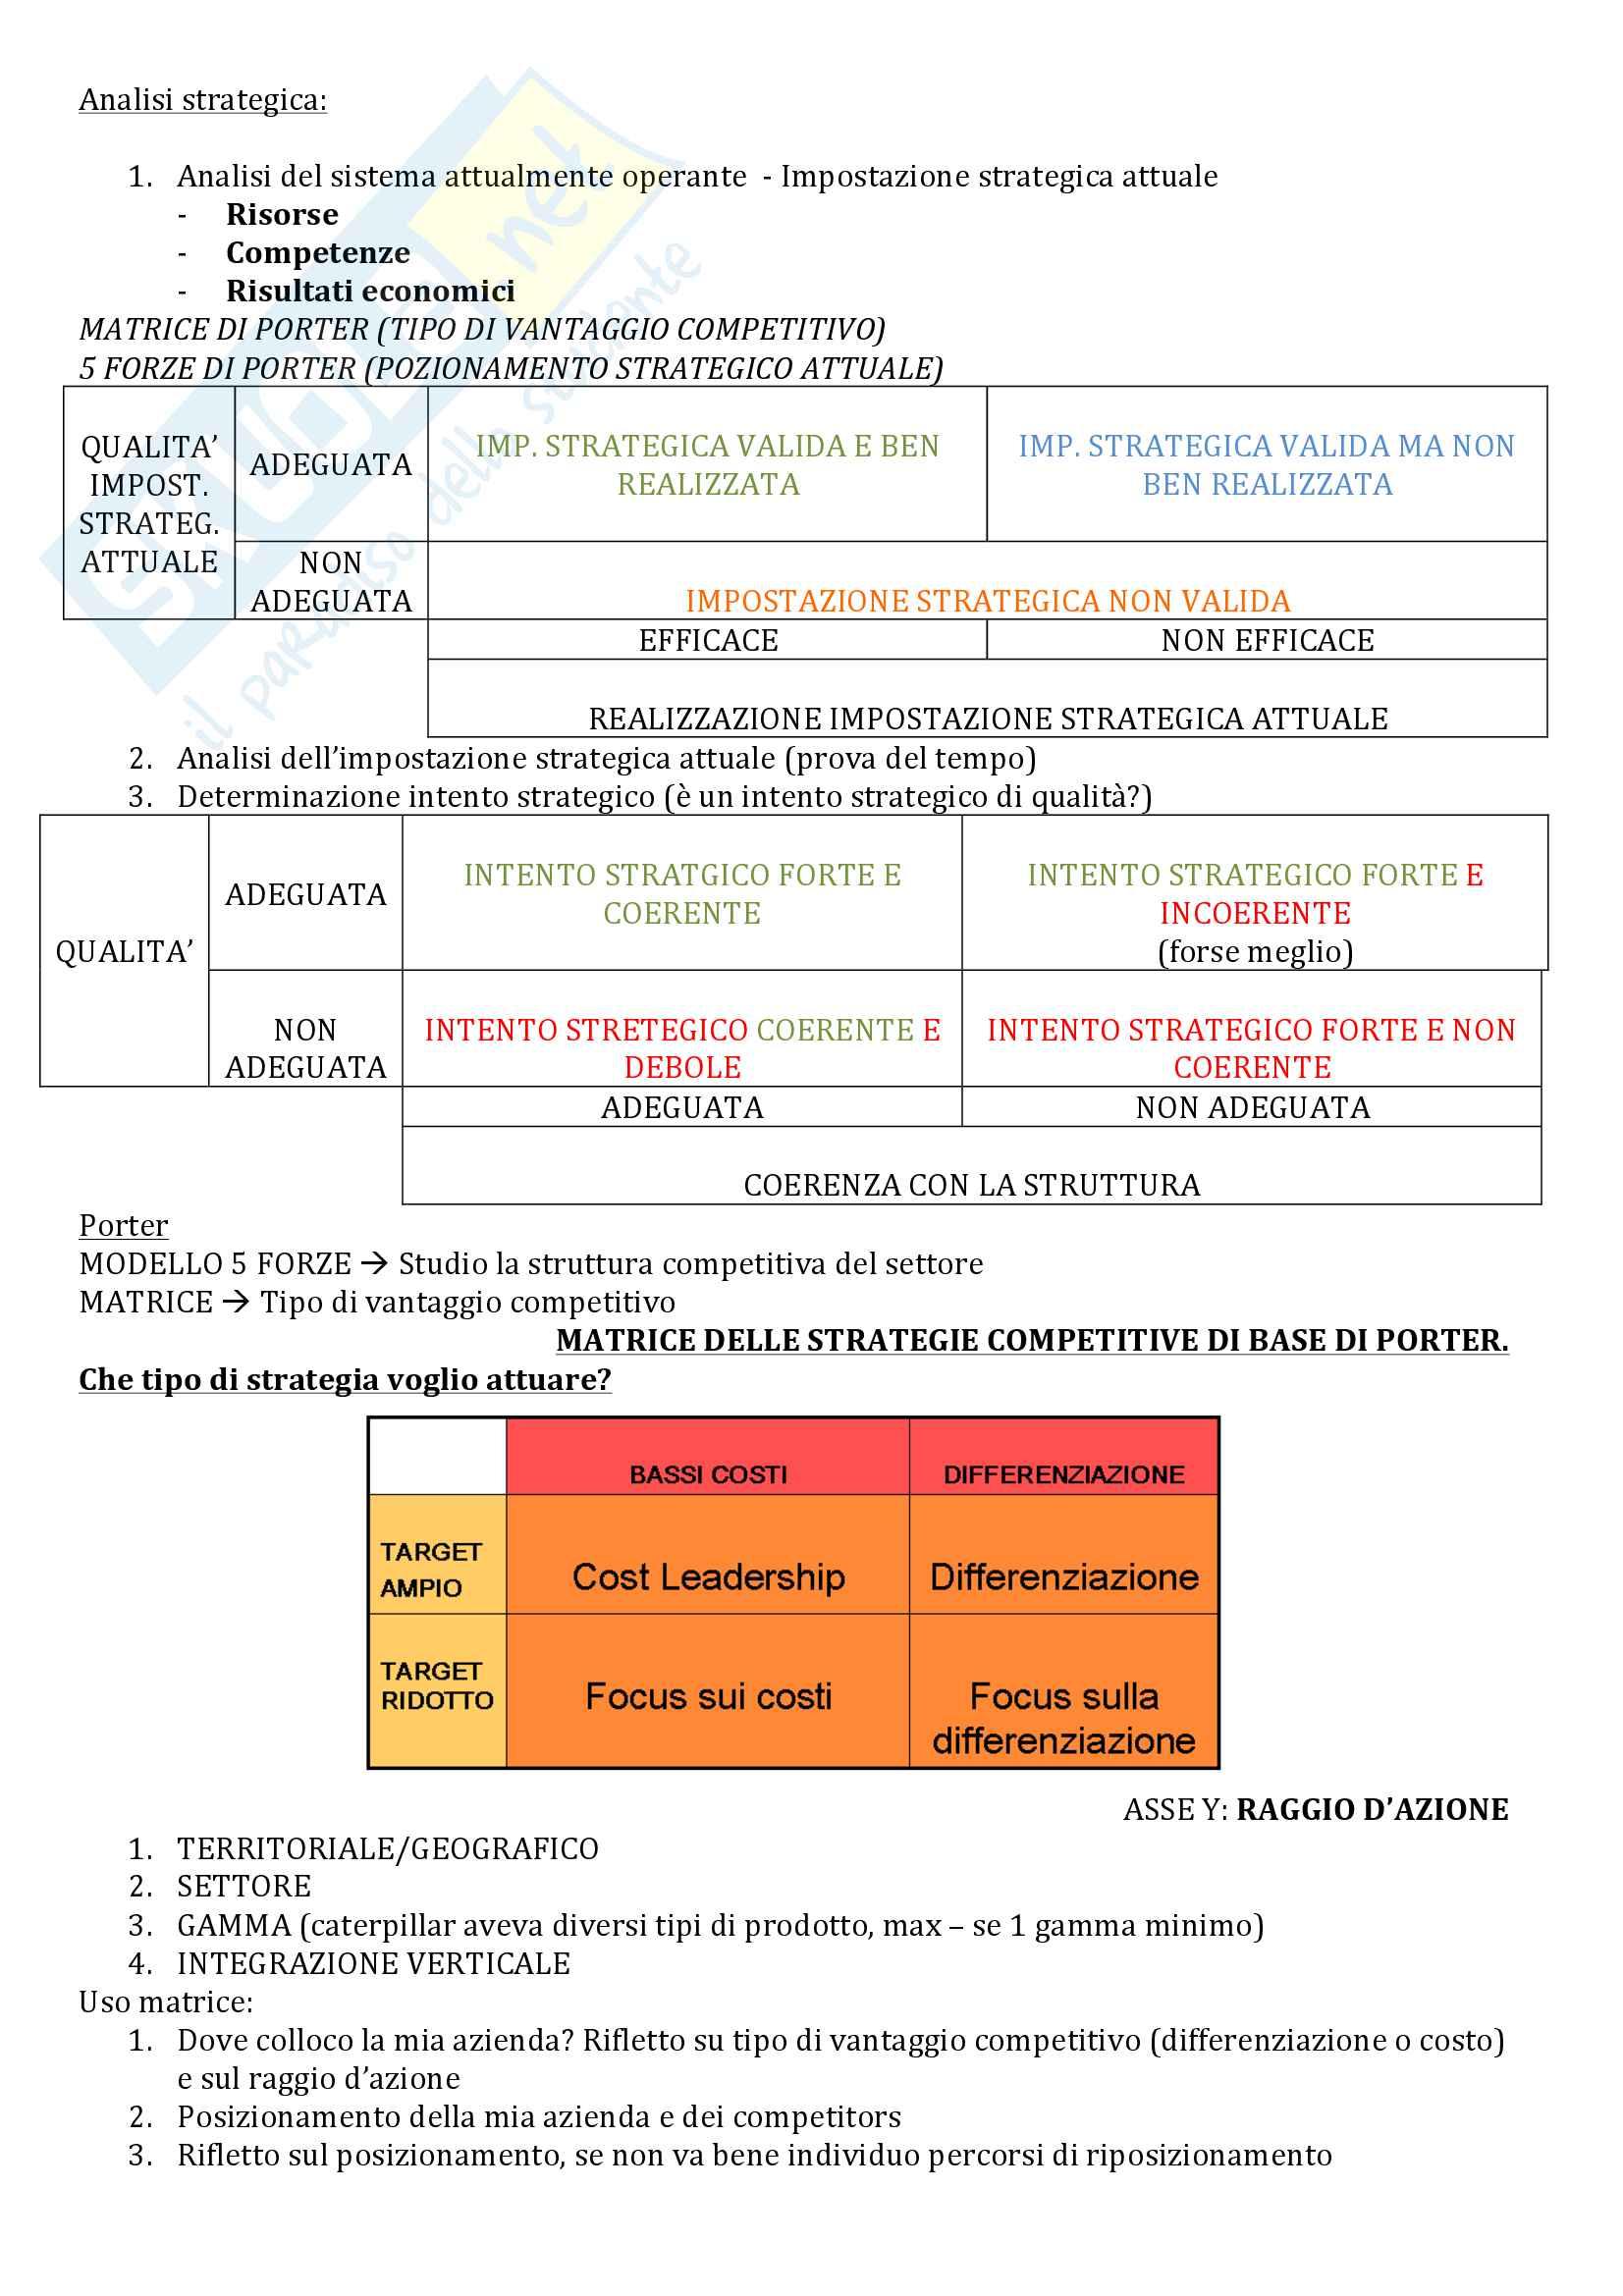 appunto S. Bianchi Martini Strategia e politica aziendale